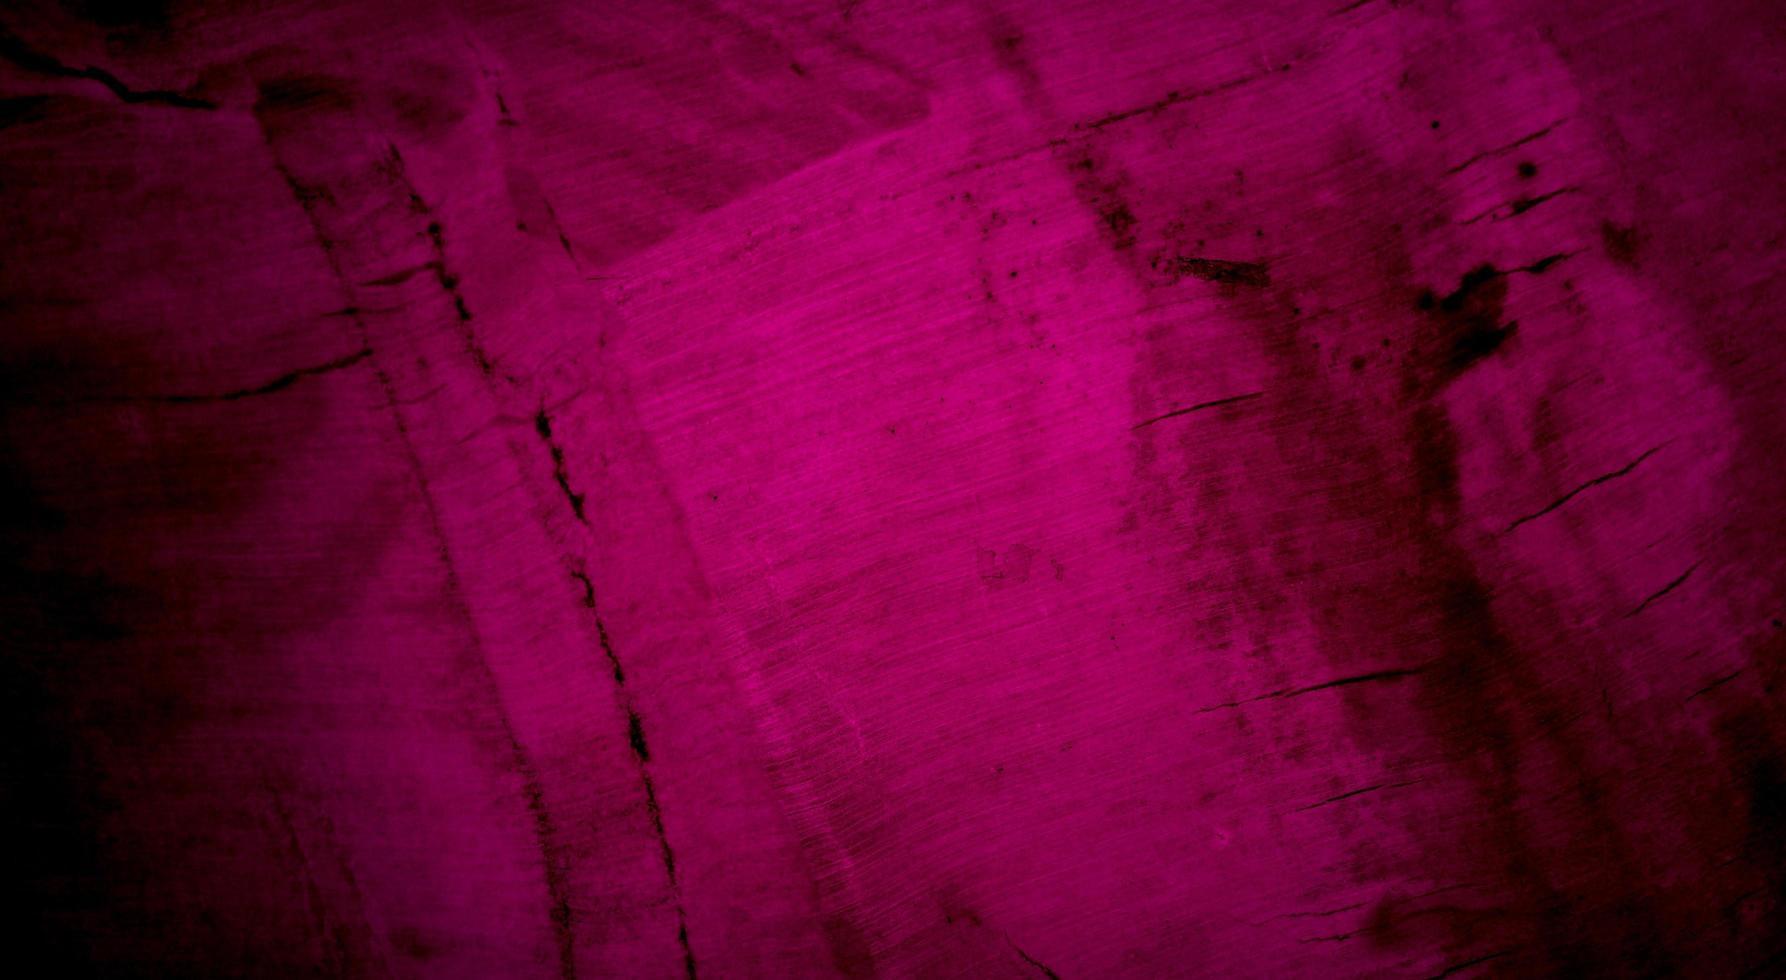 mörkrosa marmorstruktur foto